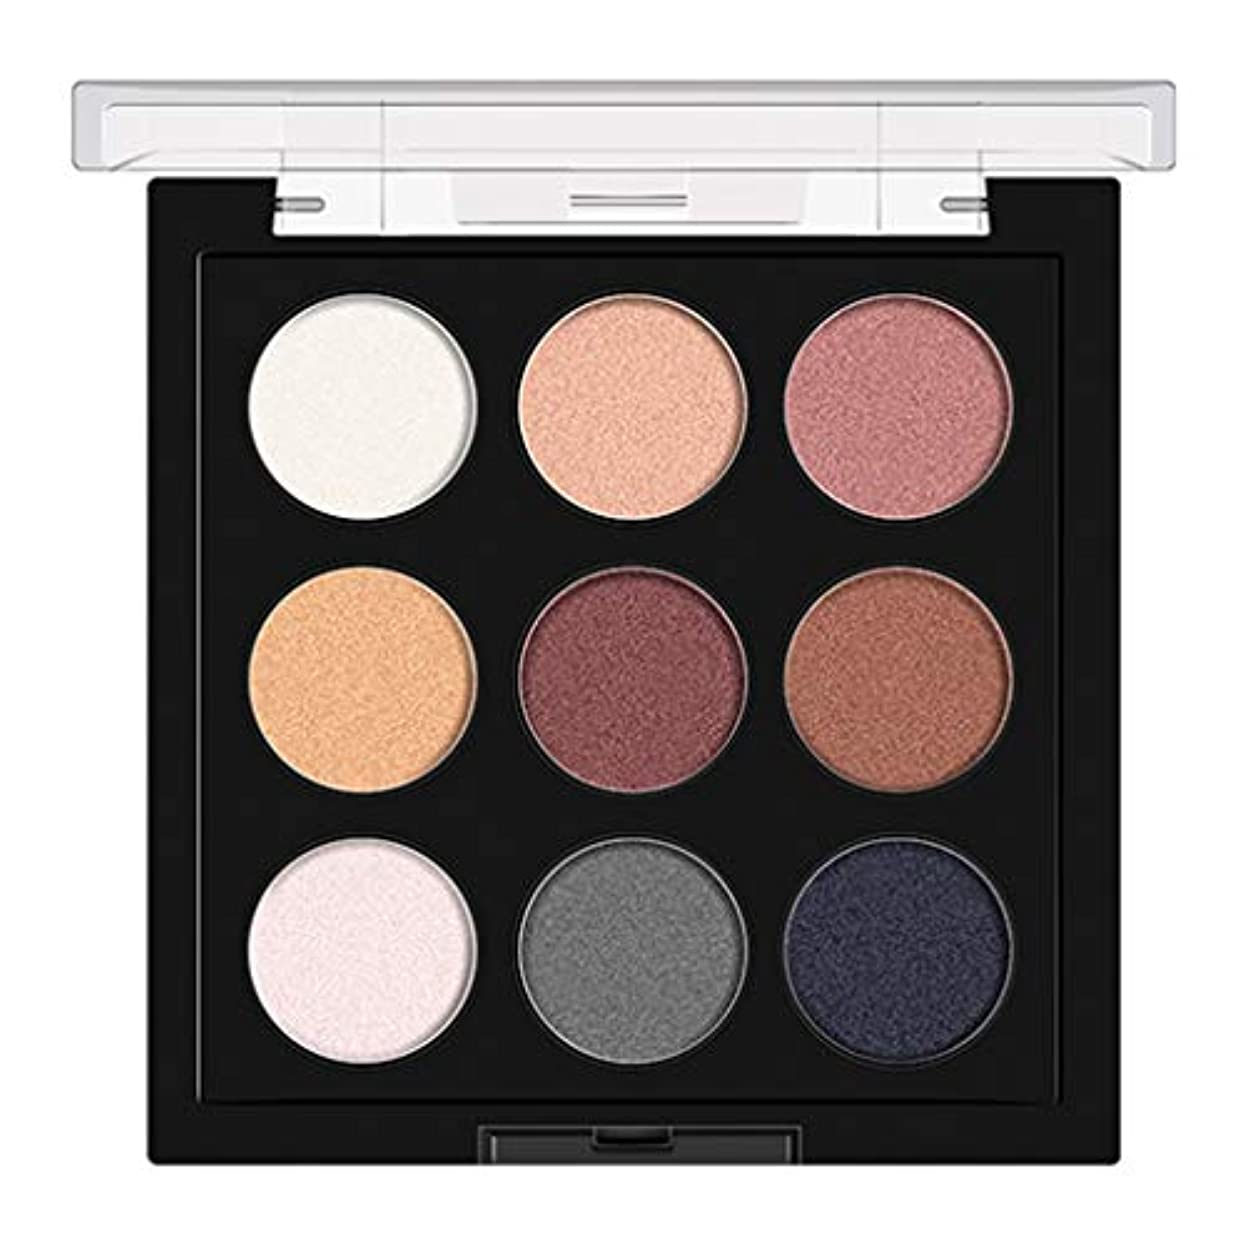 乱用ラボファランクスGOOD lask 9色のアイシャドウディッシュ、化粧茶色マットパールライトアイシャドウ、持ち運びが容易、明るい目、アイシャドウパウダー、美しい自然な三次元化粧アイシャドウ (A)